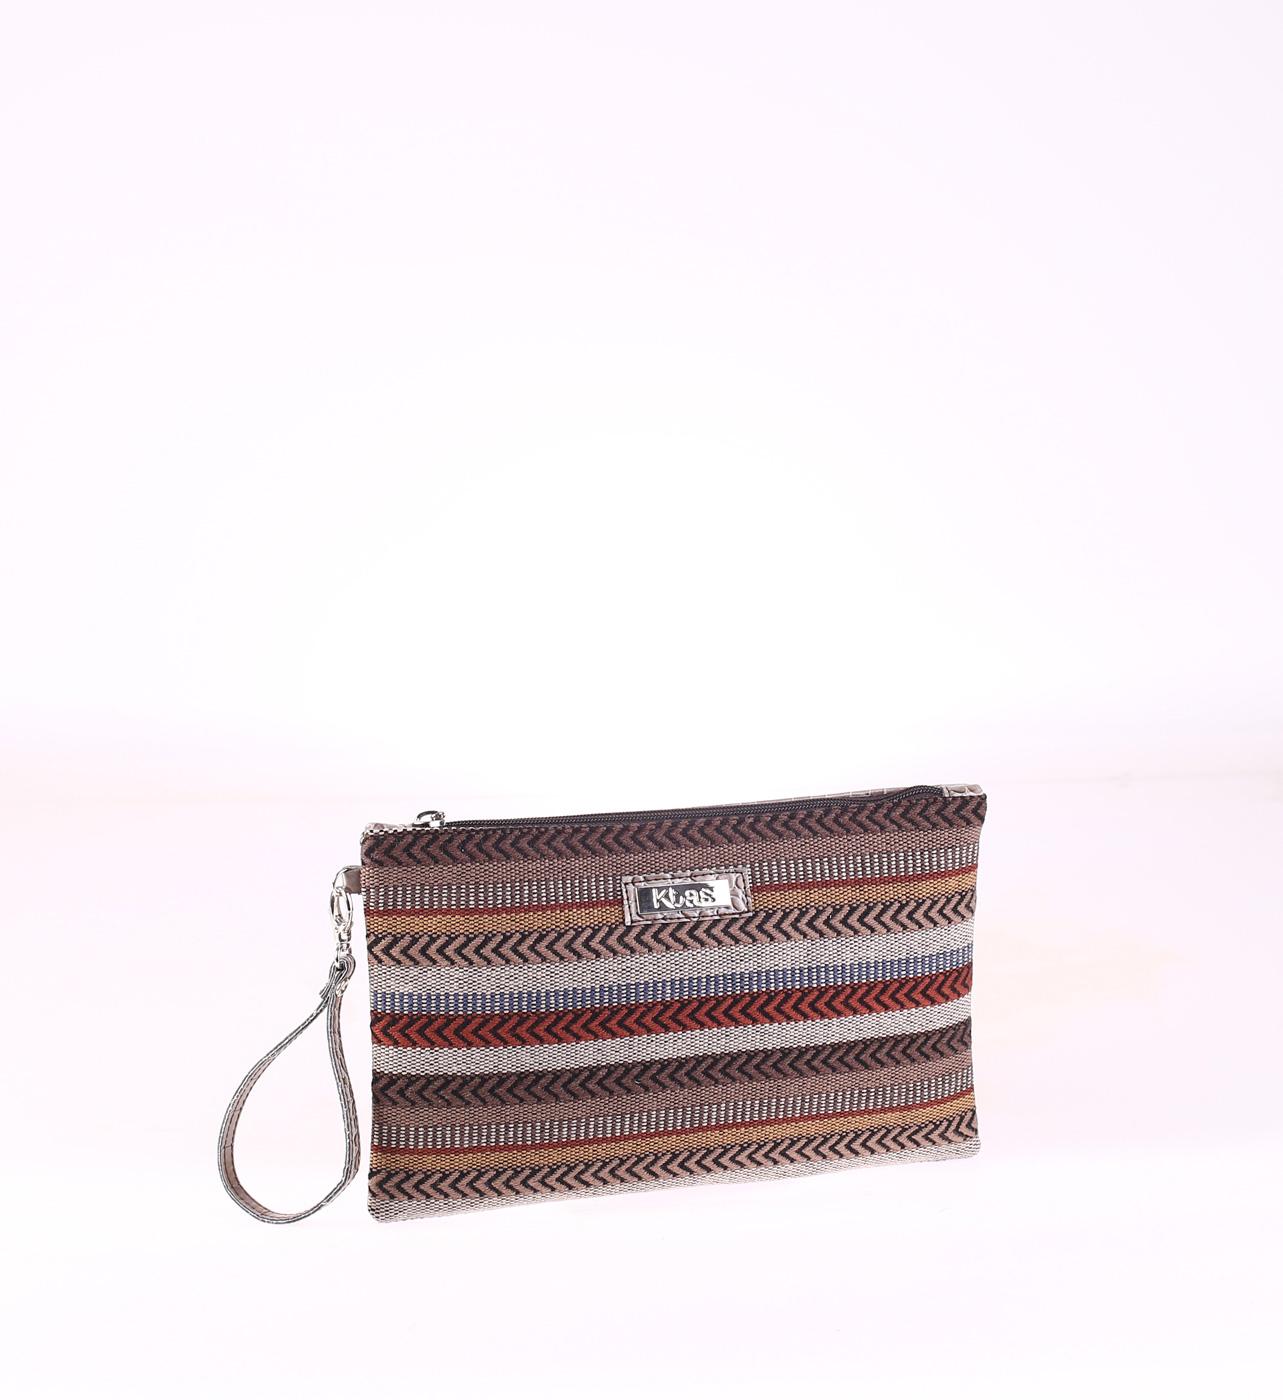 Listová kabelka Kbas z eko kože vzorovaná 085657G af630f58547